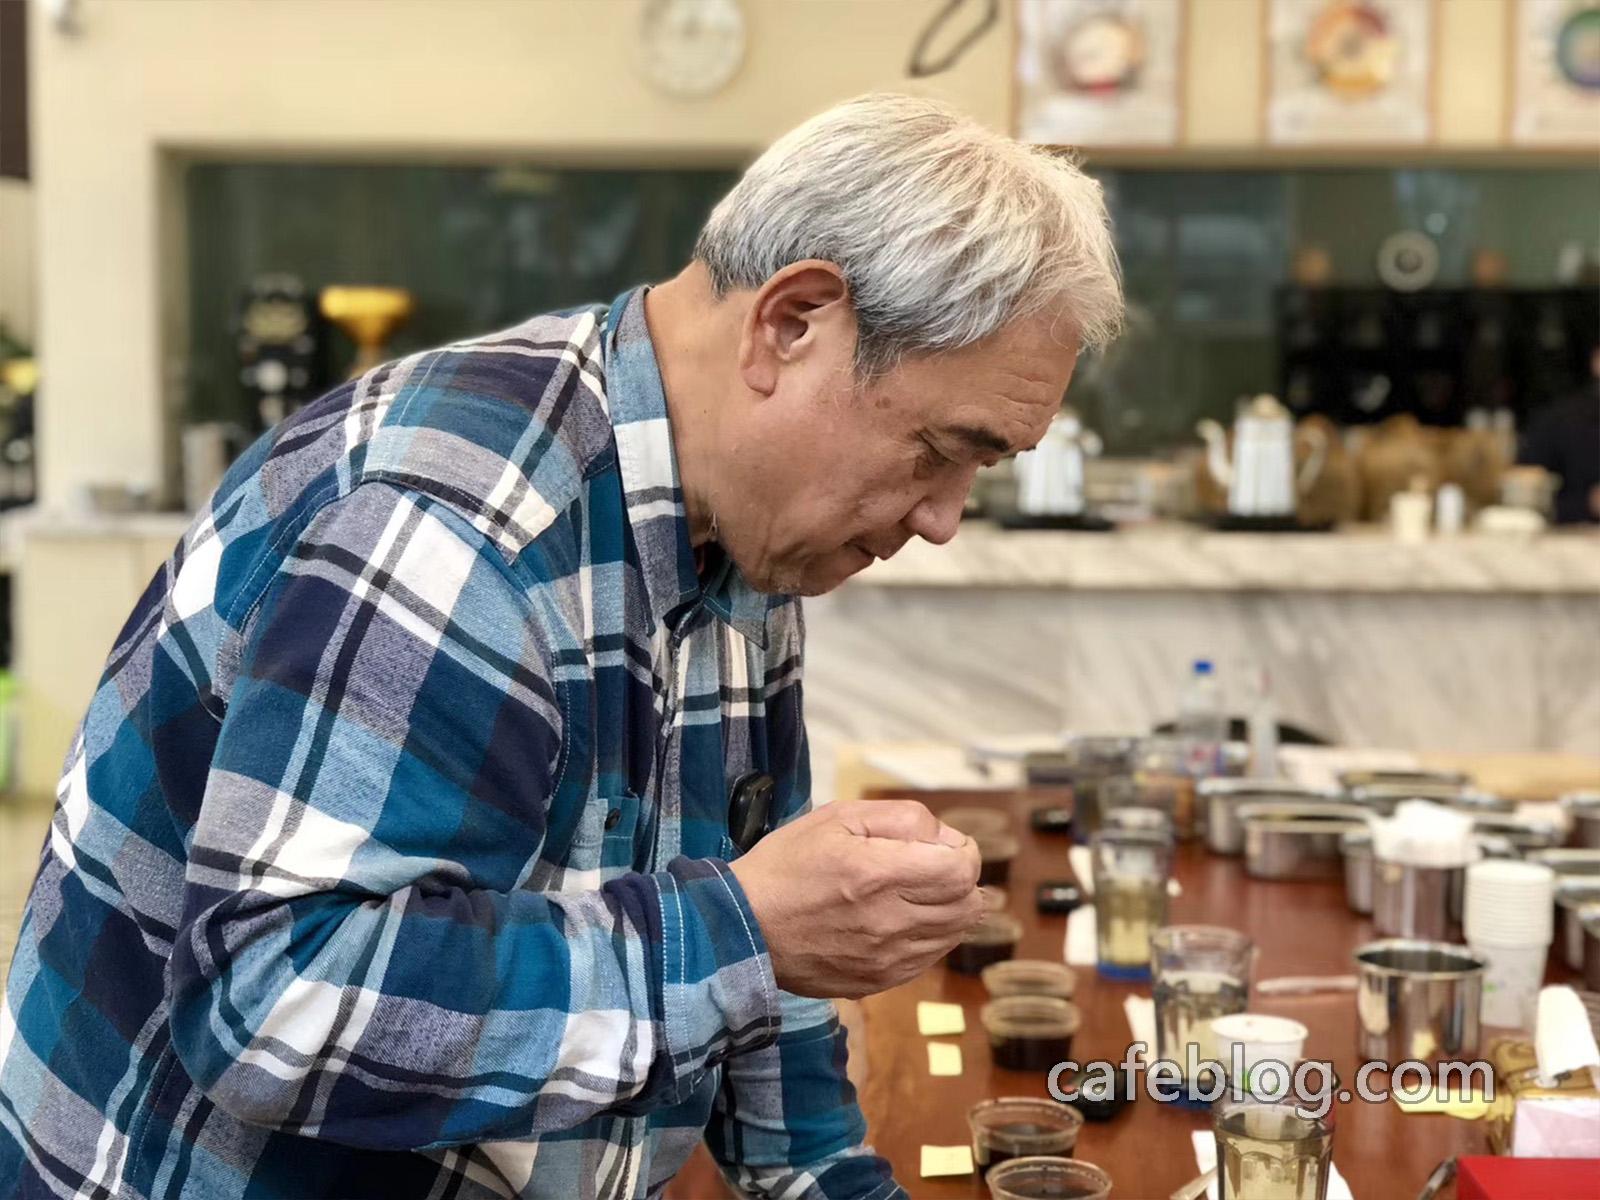 日本著名繁天武咖啡大师来到培训班亲自指导同学们。